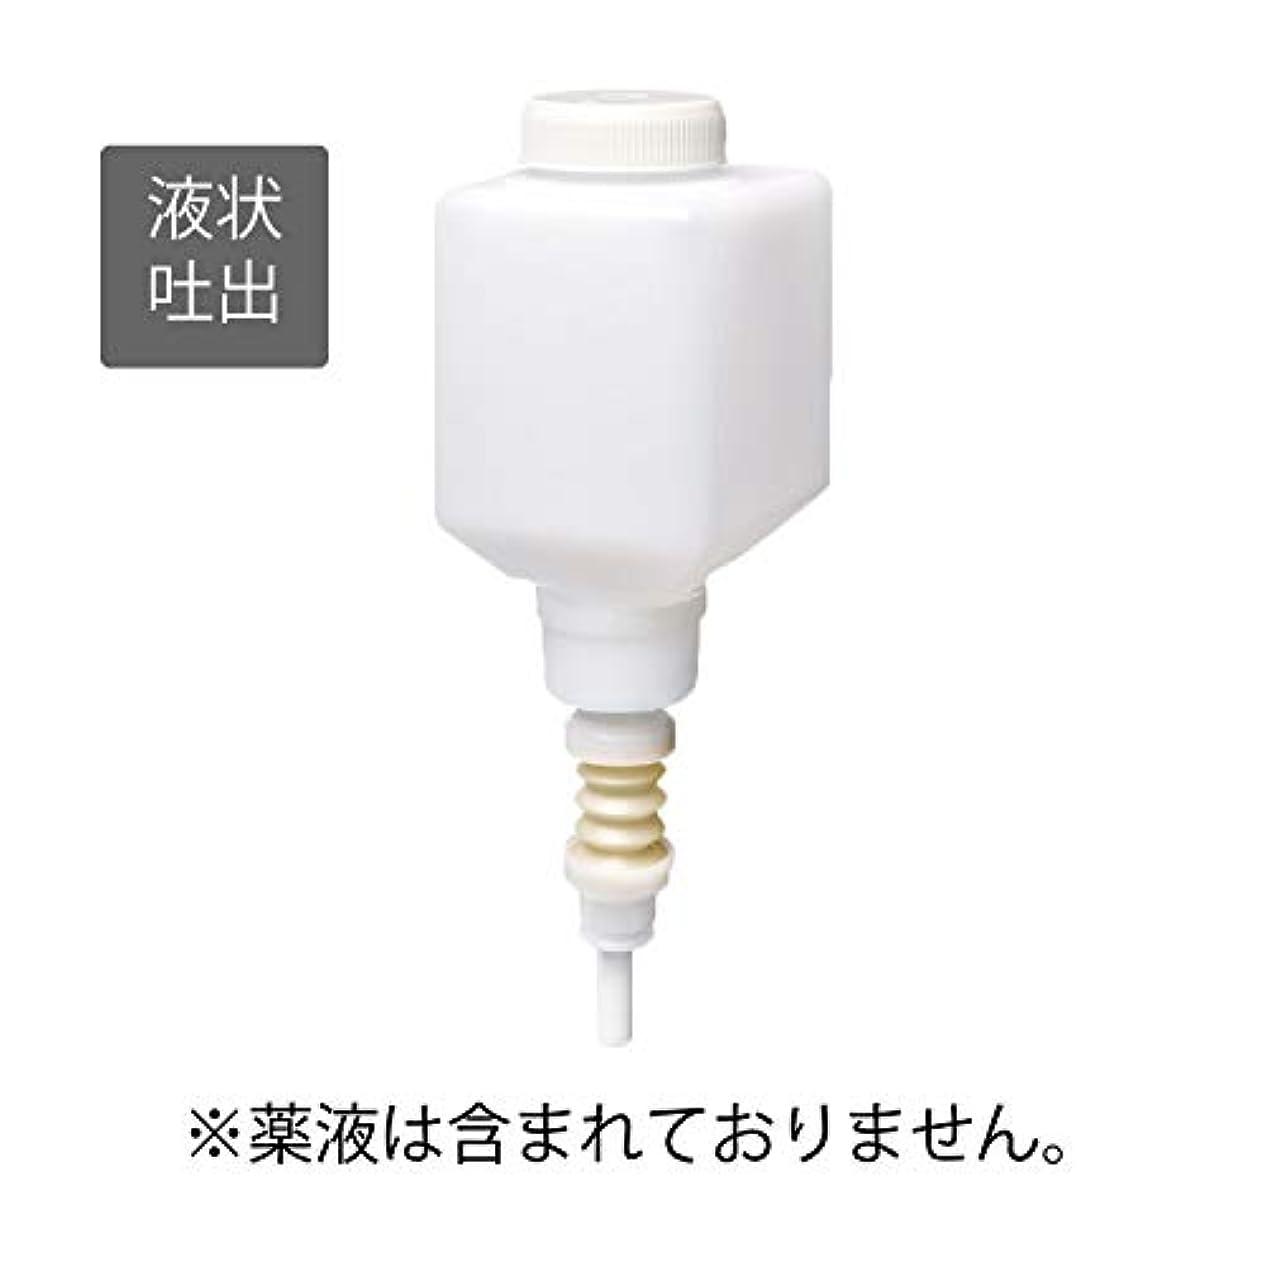 カウントアップコック巻き取りサラヤ カートリッジボトル 石けん液用 250ml MD-300